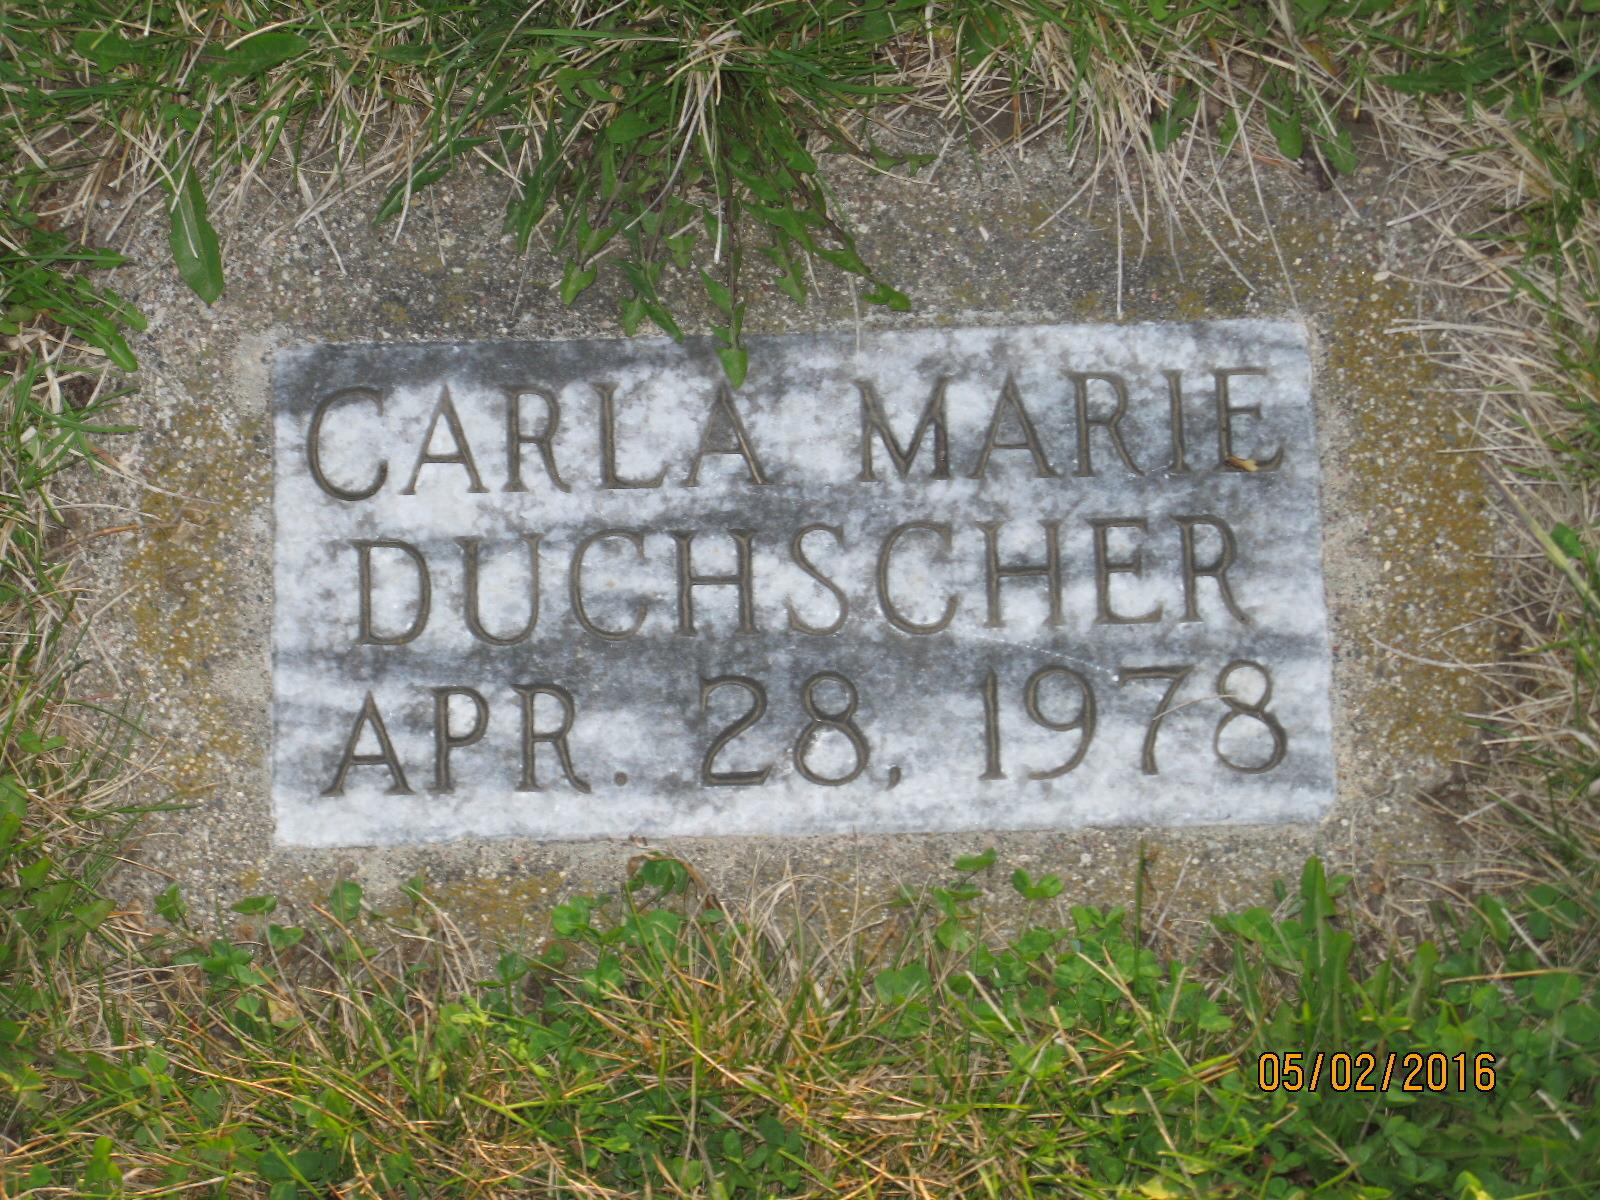 Carla Marie Duchscher